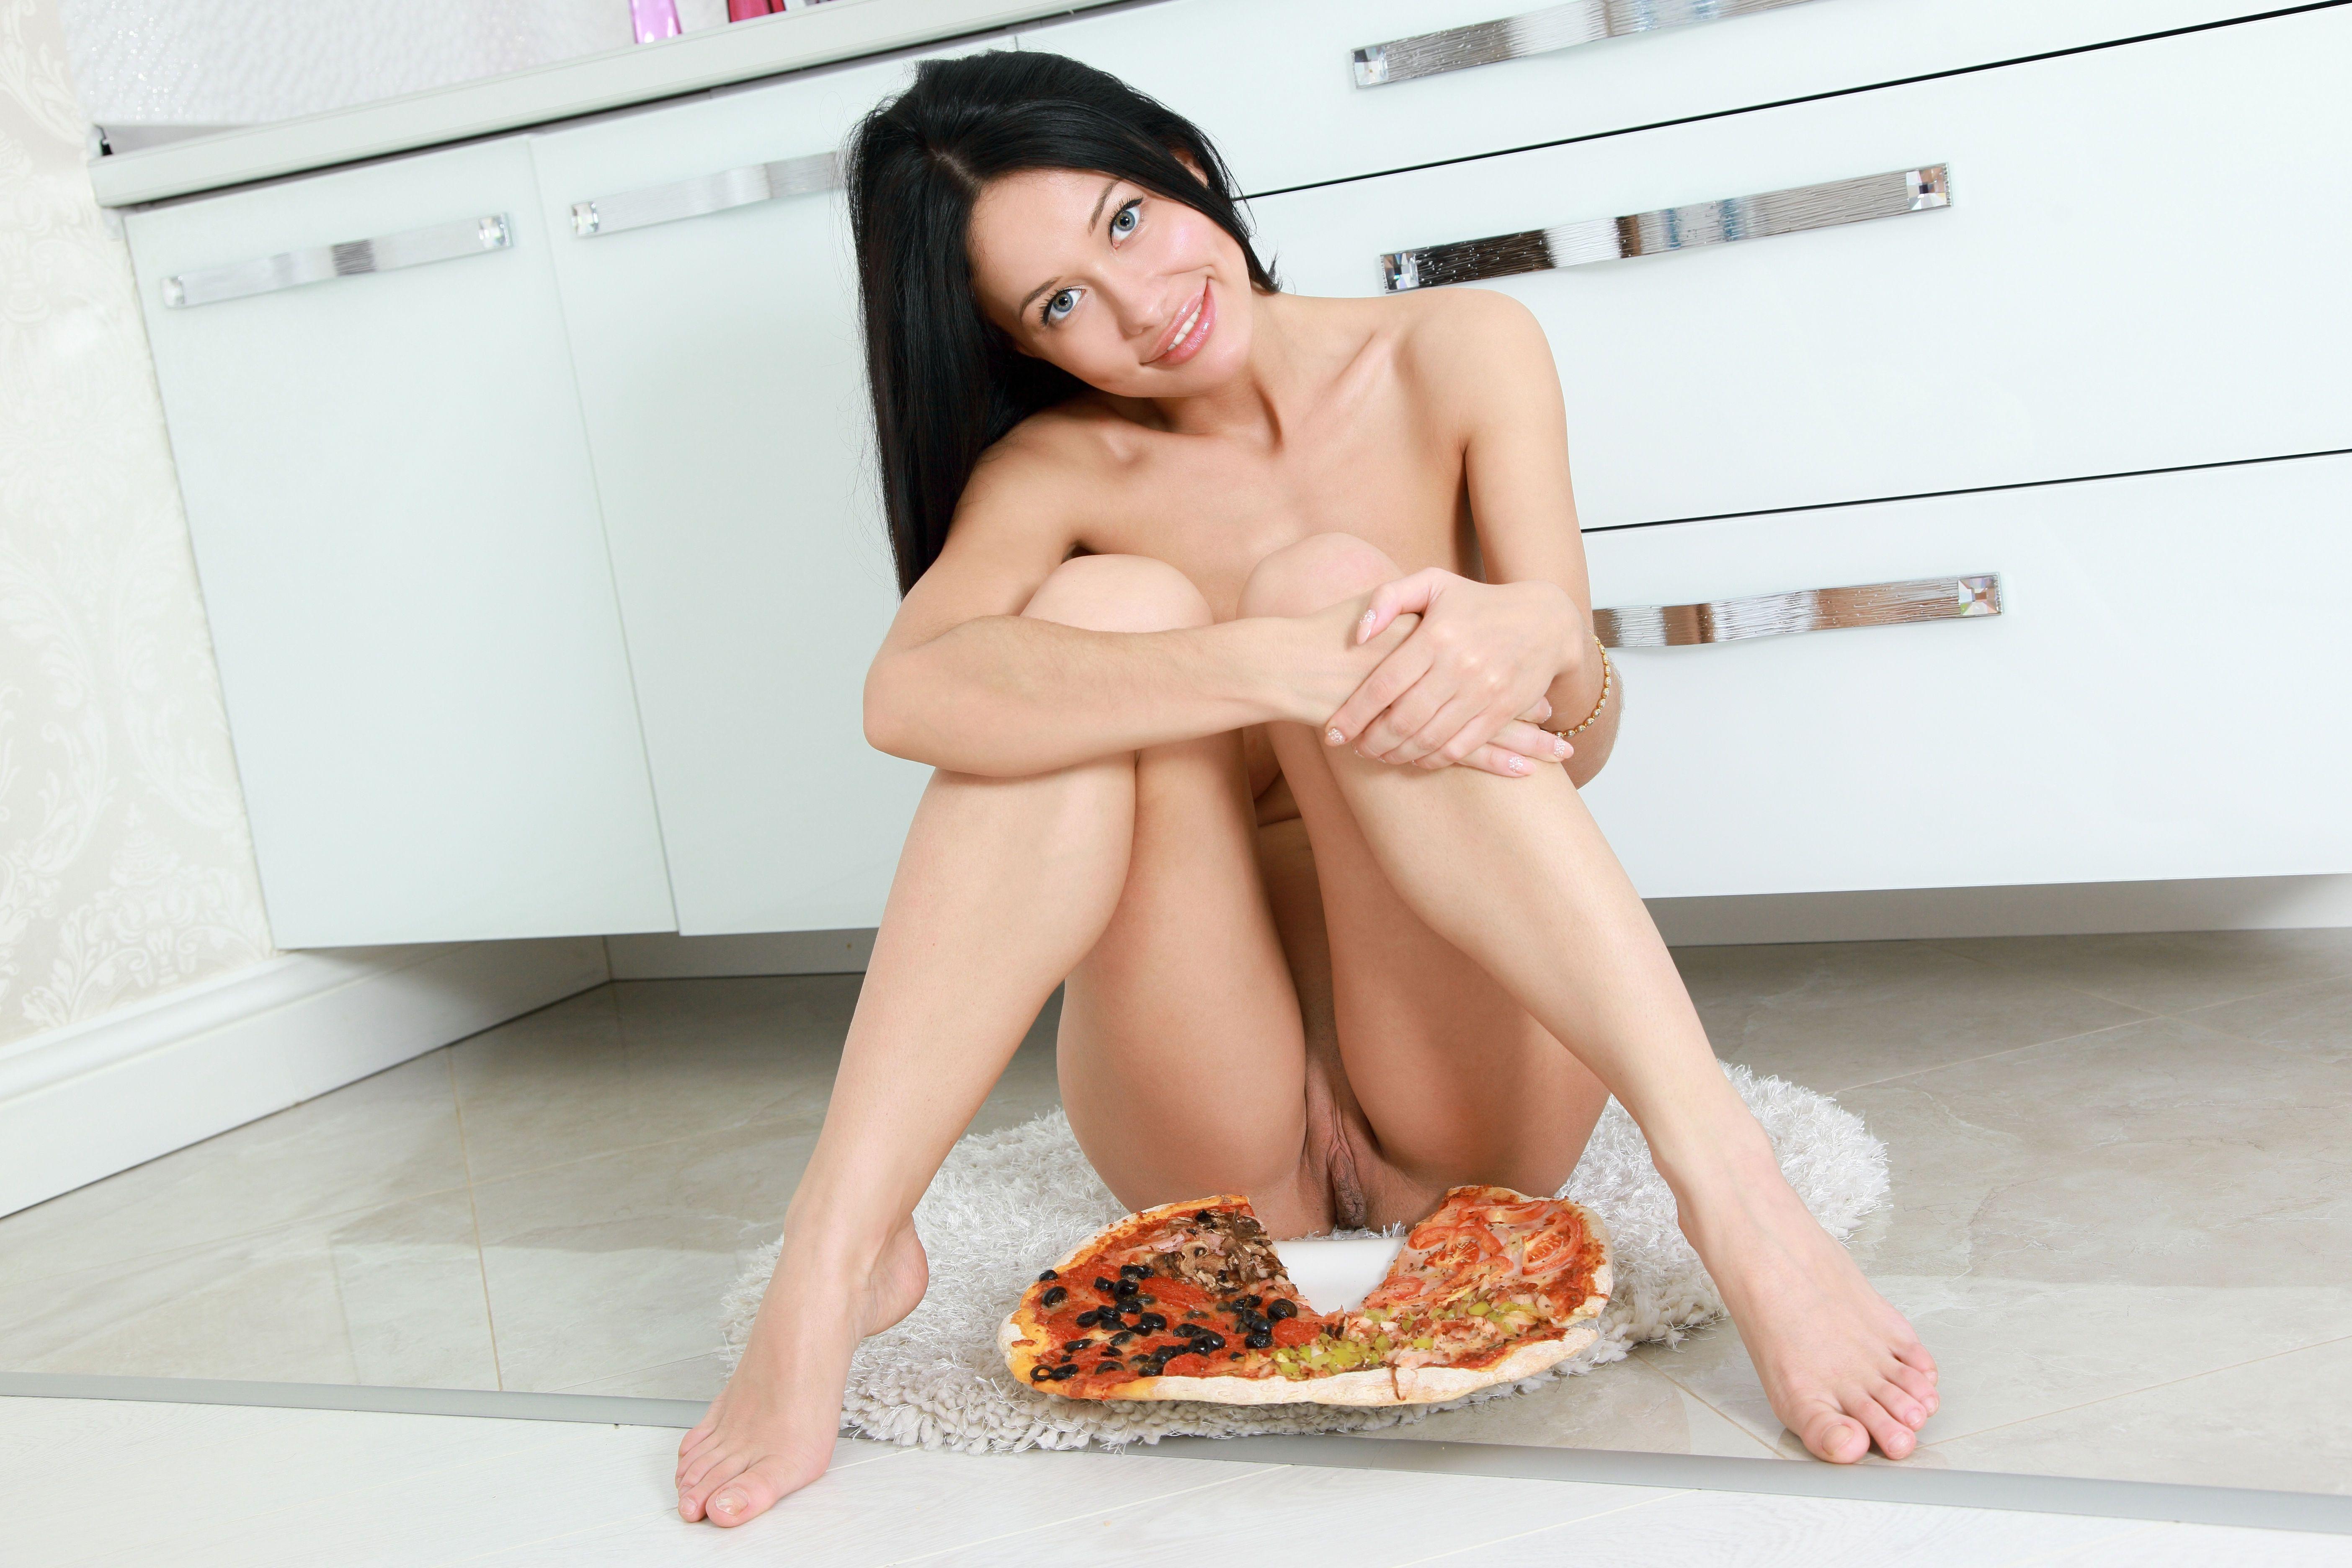 Ashley massaro naked